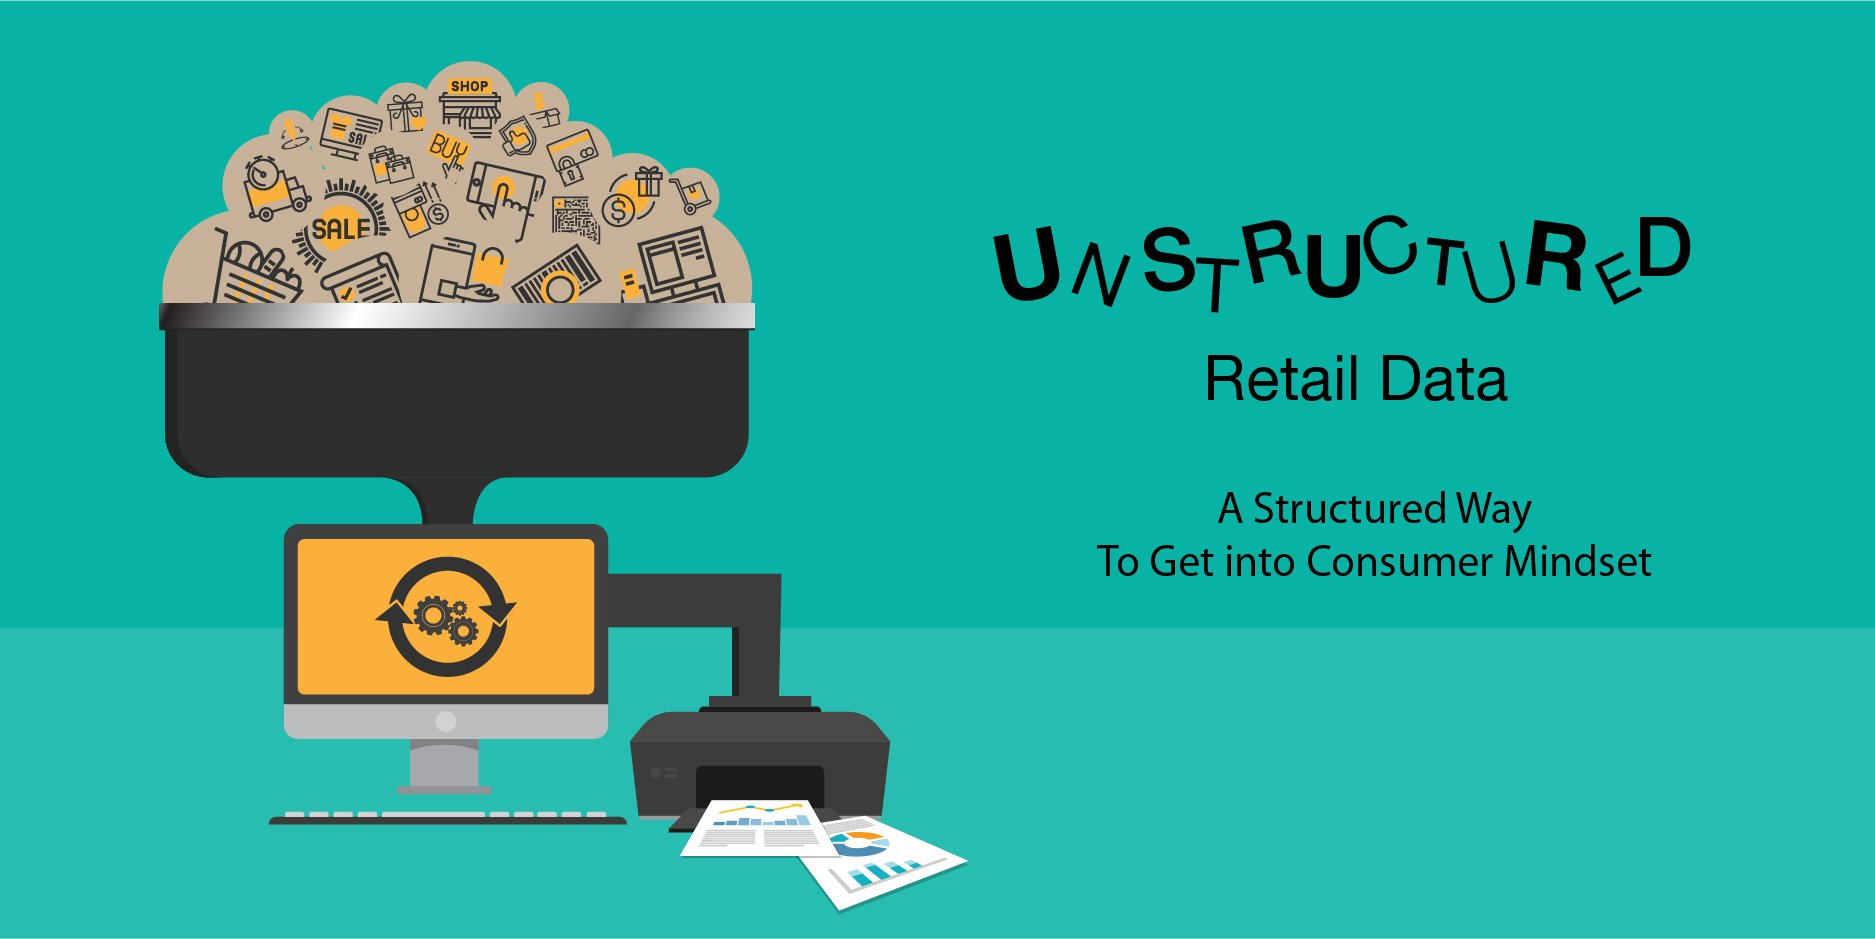 Unstructured Retail Data